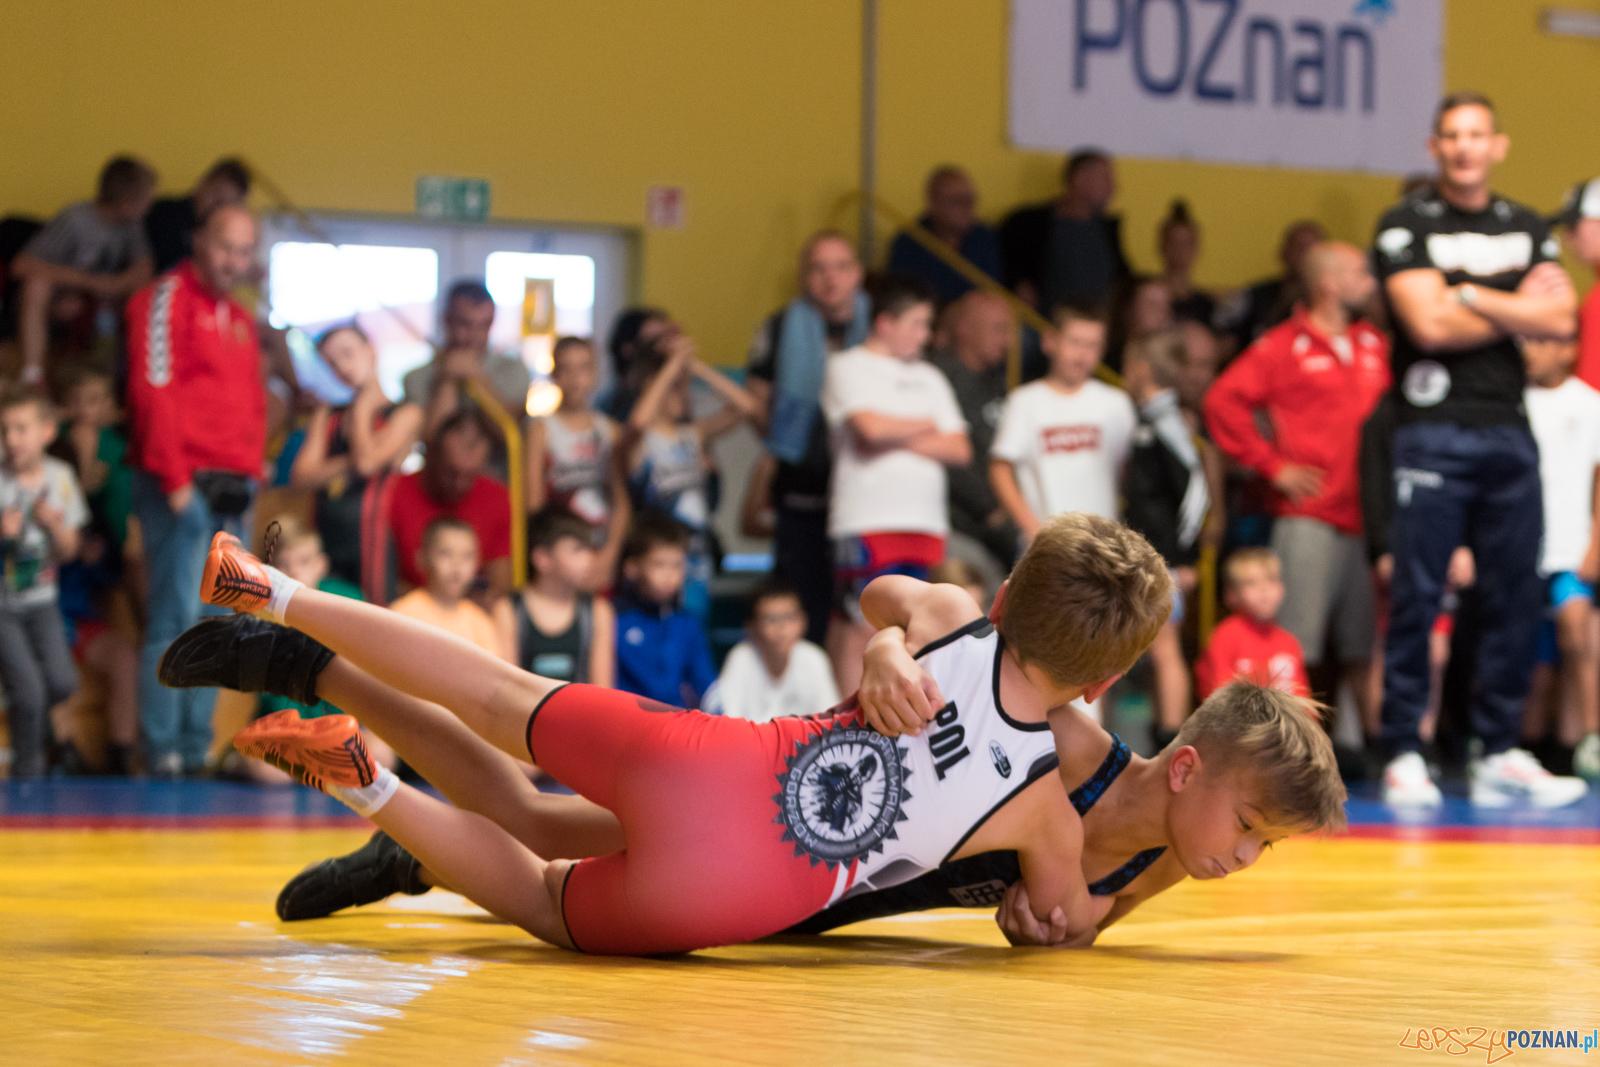 XIII Międzynarodowy Turniej ZapaśniczyMemoriał Józefa Moczy  Foto: lepszyPOZNAN.pl/Piotr Rychter